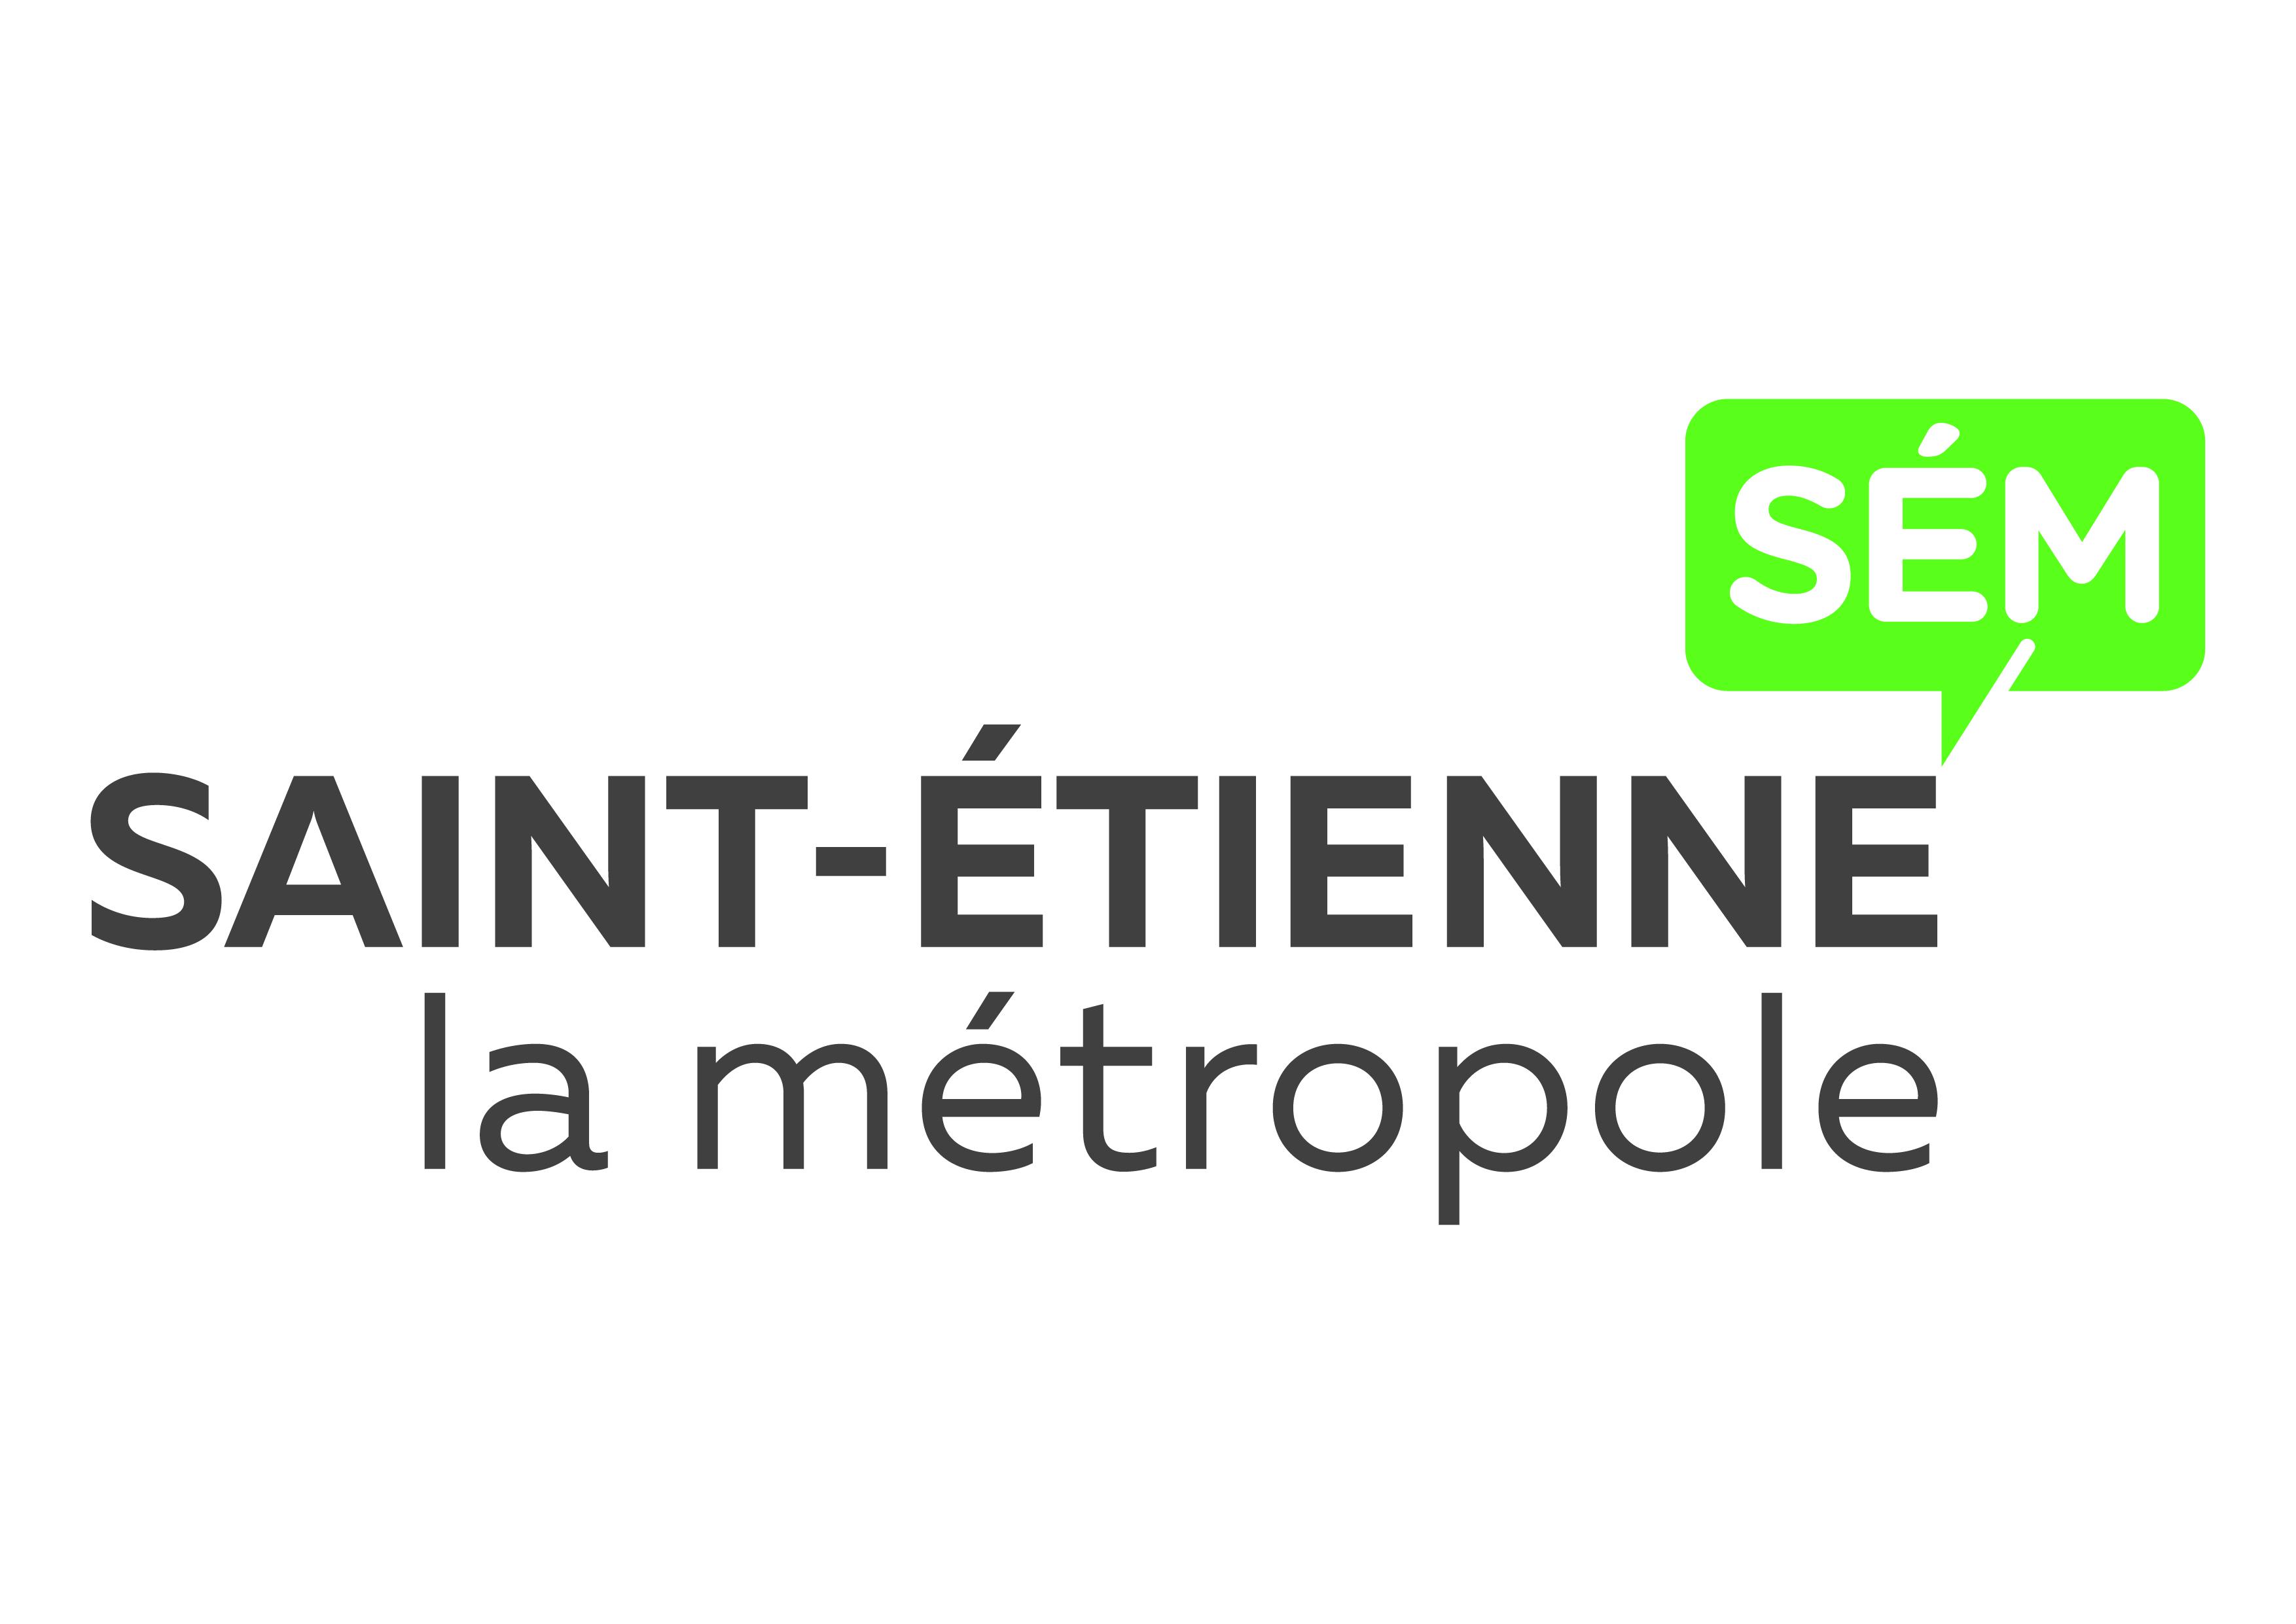 Données horaires théoriques (GTFS) du réseau de transport de la métropole de Saint-Etienne (STAS)